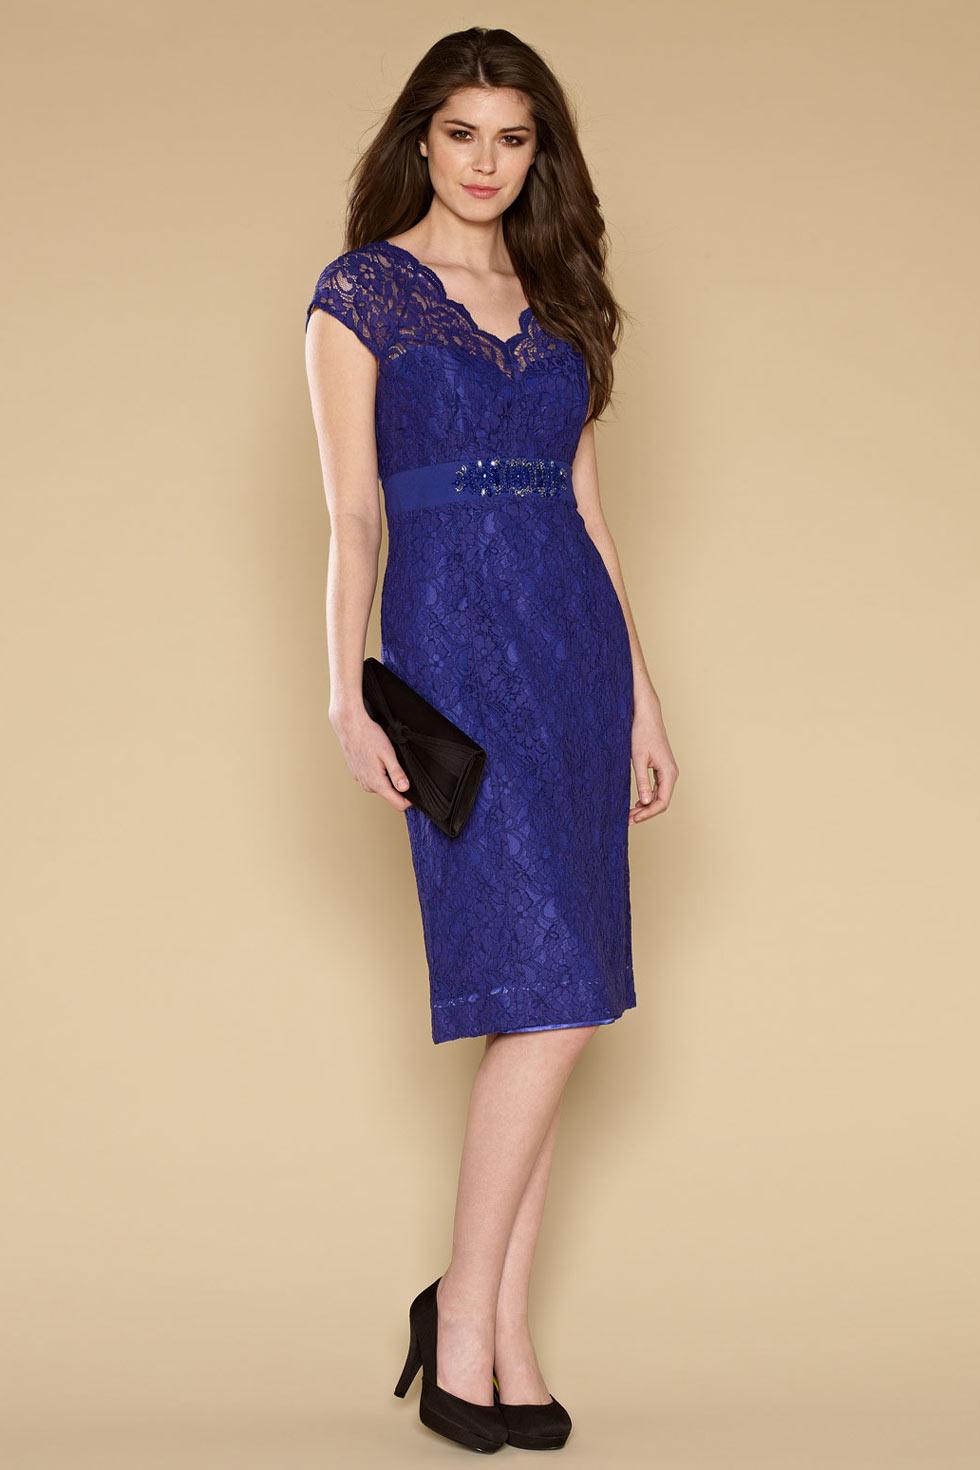 robe de soir e courte genoux en dentelle violette mancherons. Black Bedroom Furniture Sets. Home Design Ideas